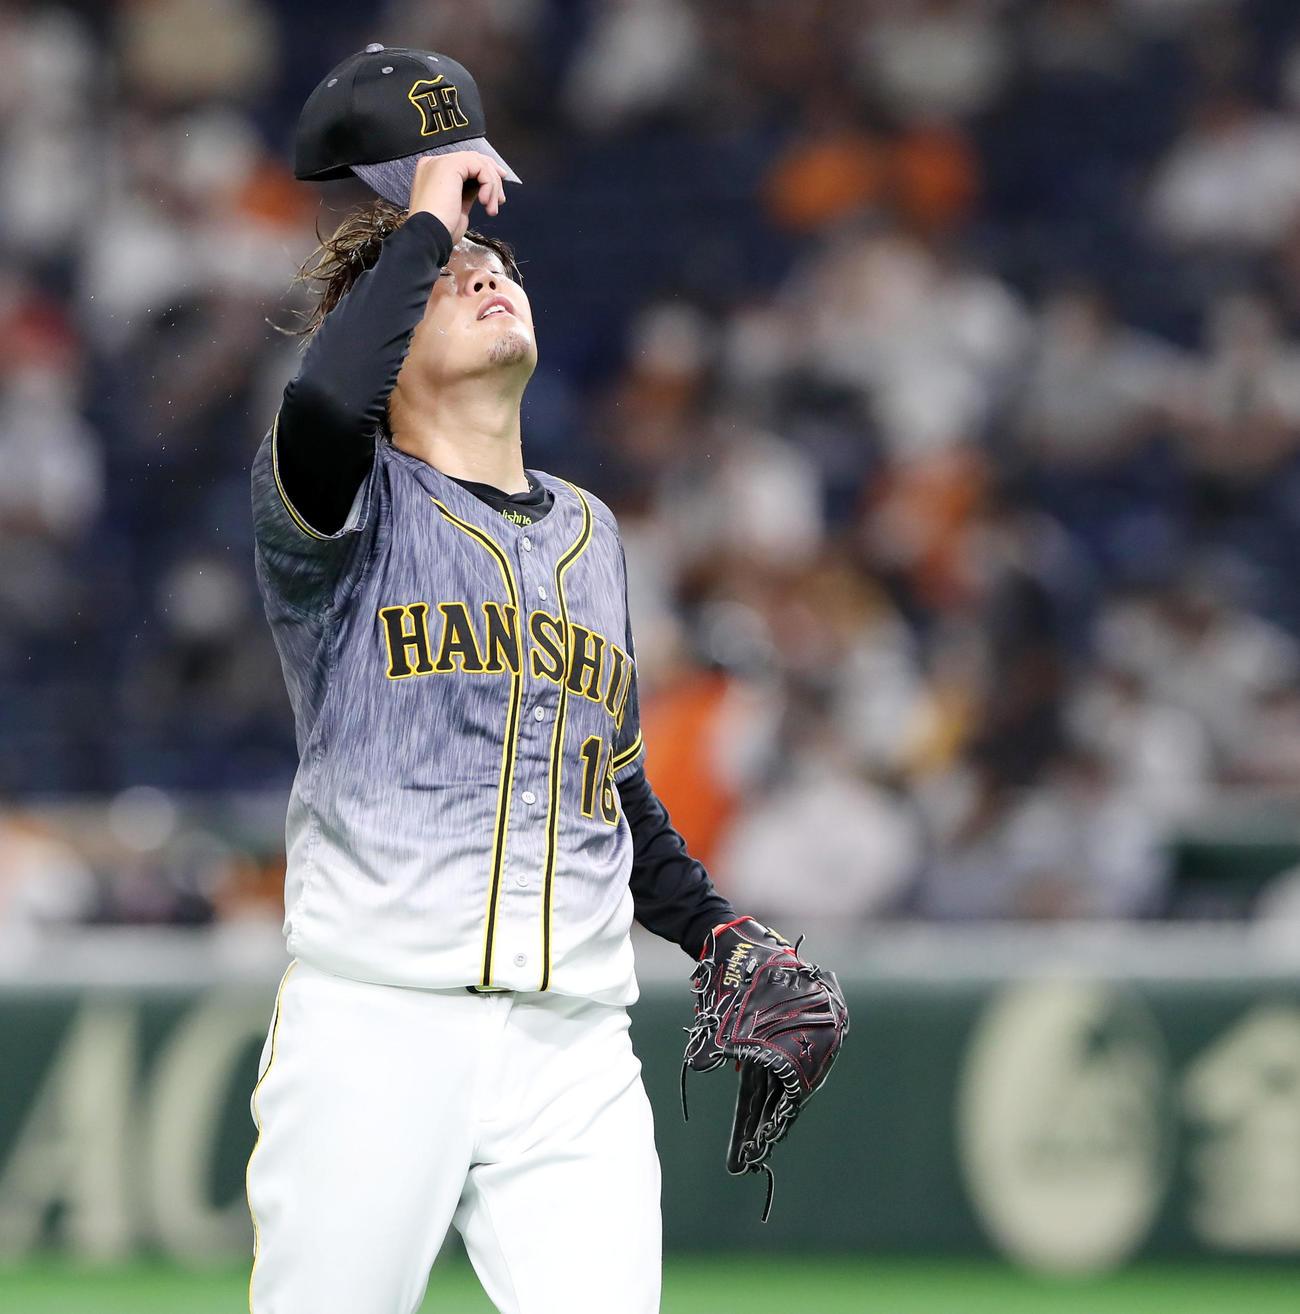 巨人対阪神 3回裏、西勇は巨人打線に5失点を喫しベンチへ引き揚げる(撮影・加藤哉)